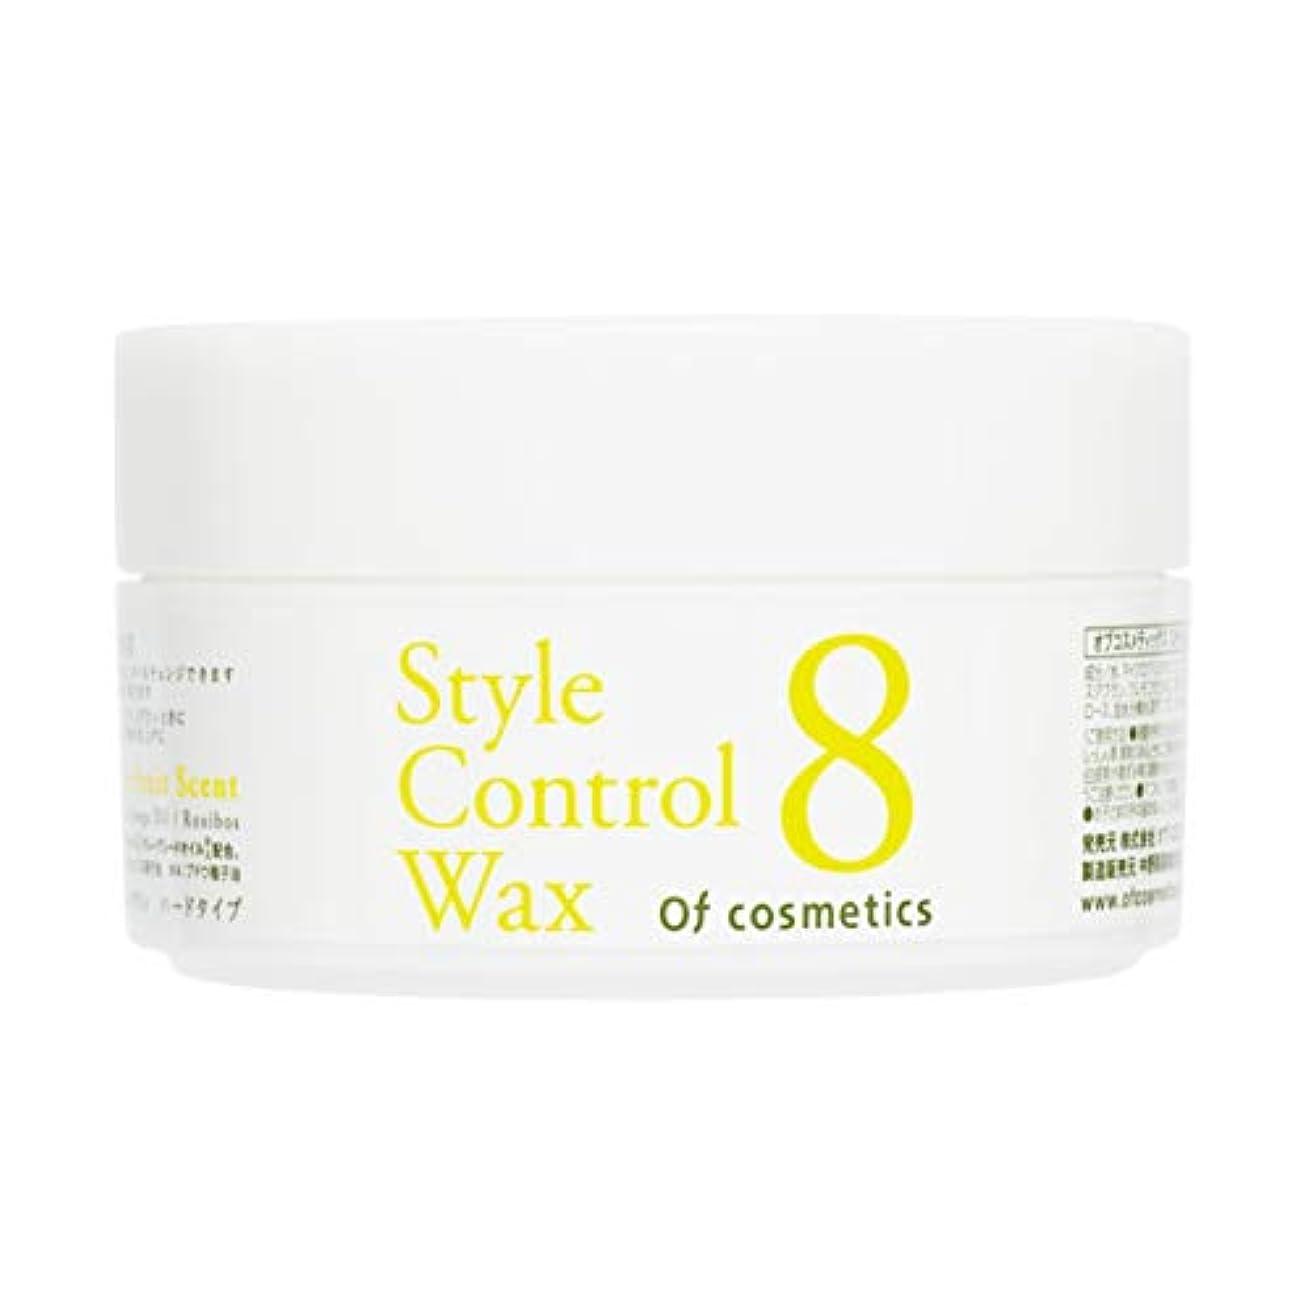 ルアー適応するオブ?コスメティックス スタイルコントロールワックス?8 (グレープフルーツの香り) 270g